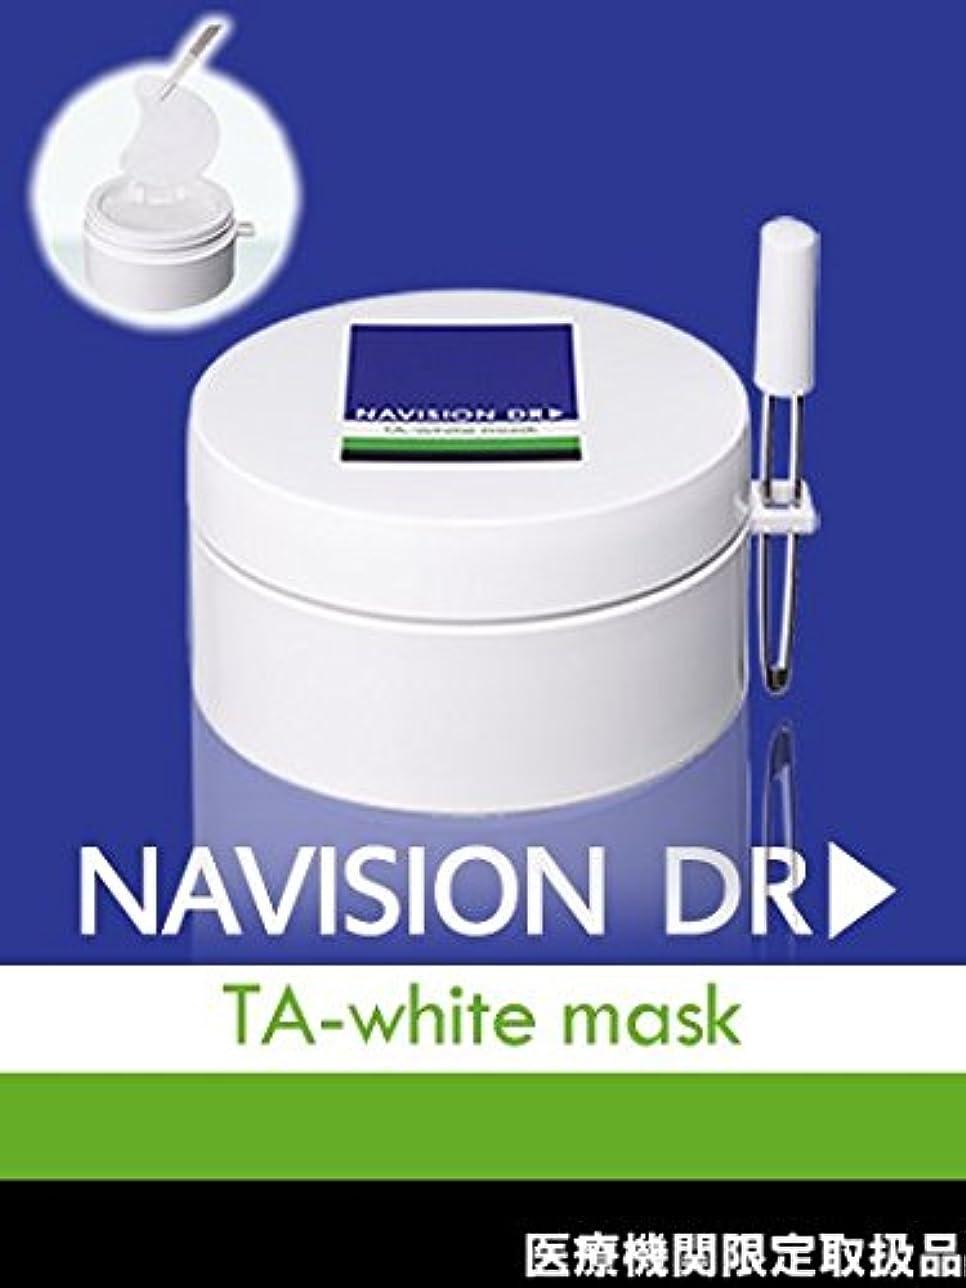 コンバーチブル助手冷凍庫NAVISION DR? ナビジョンDR TAホワイトマスク(部分用)(医薬部外品) 67mL 60枚入【医療機関限定取扱品】